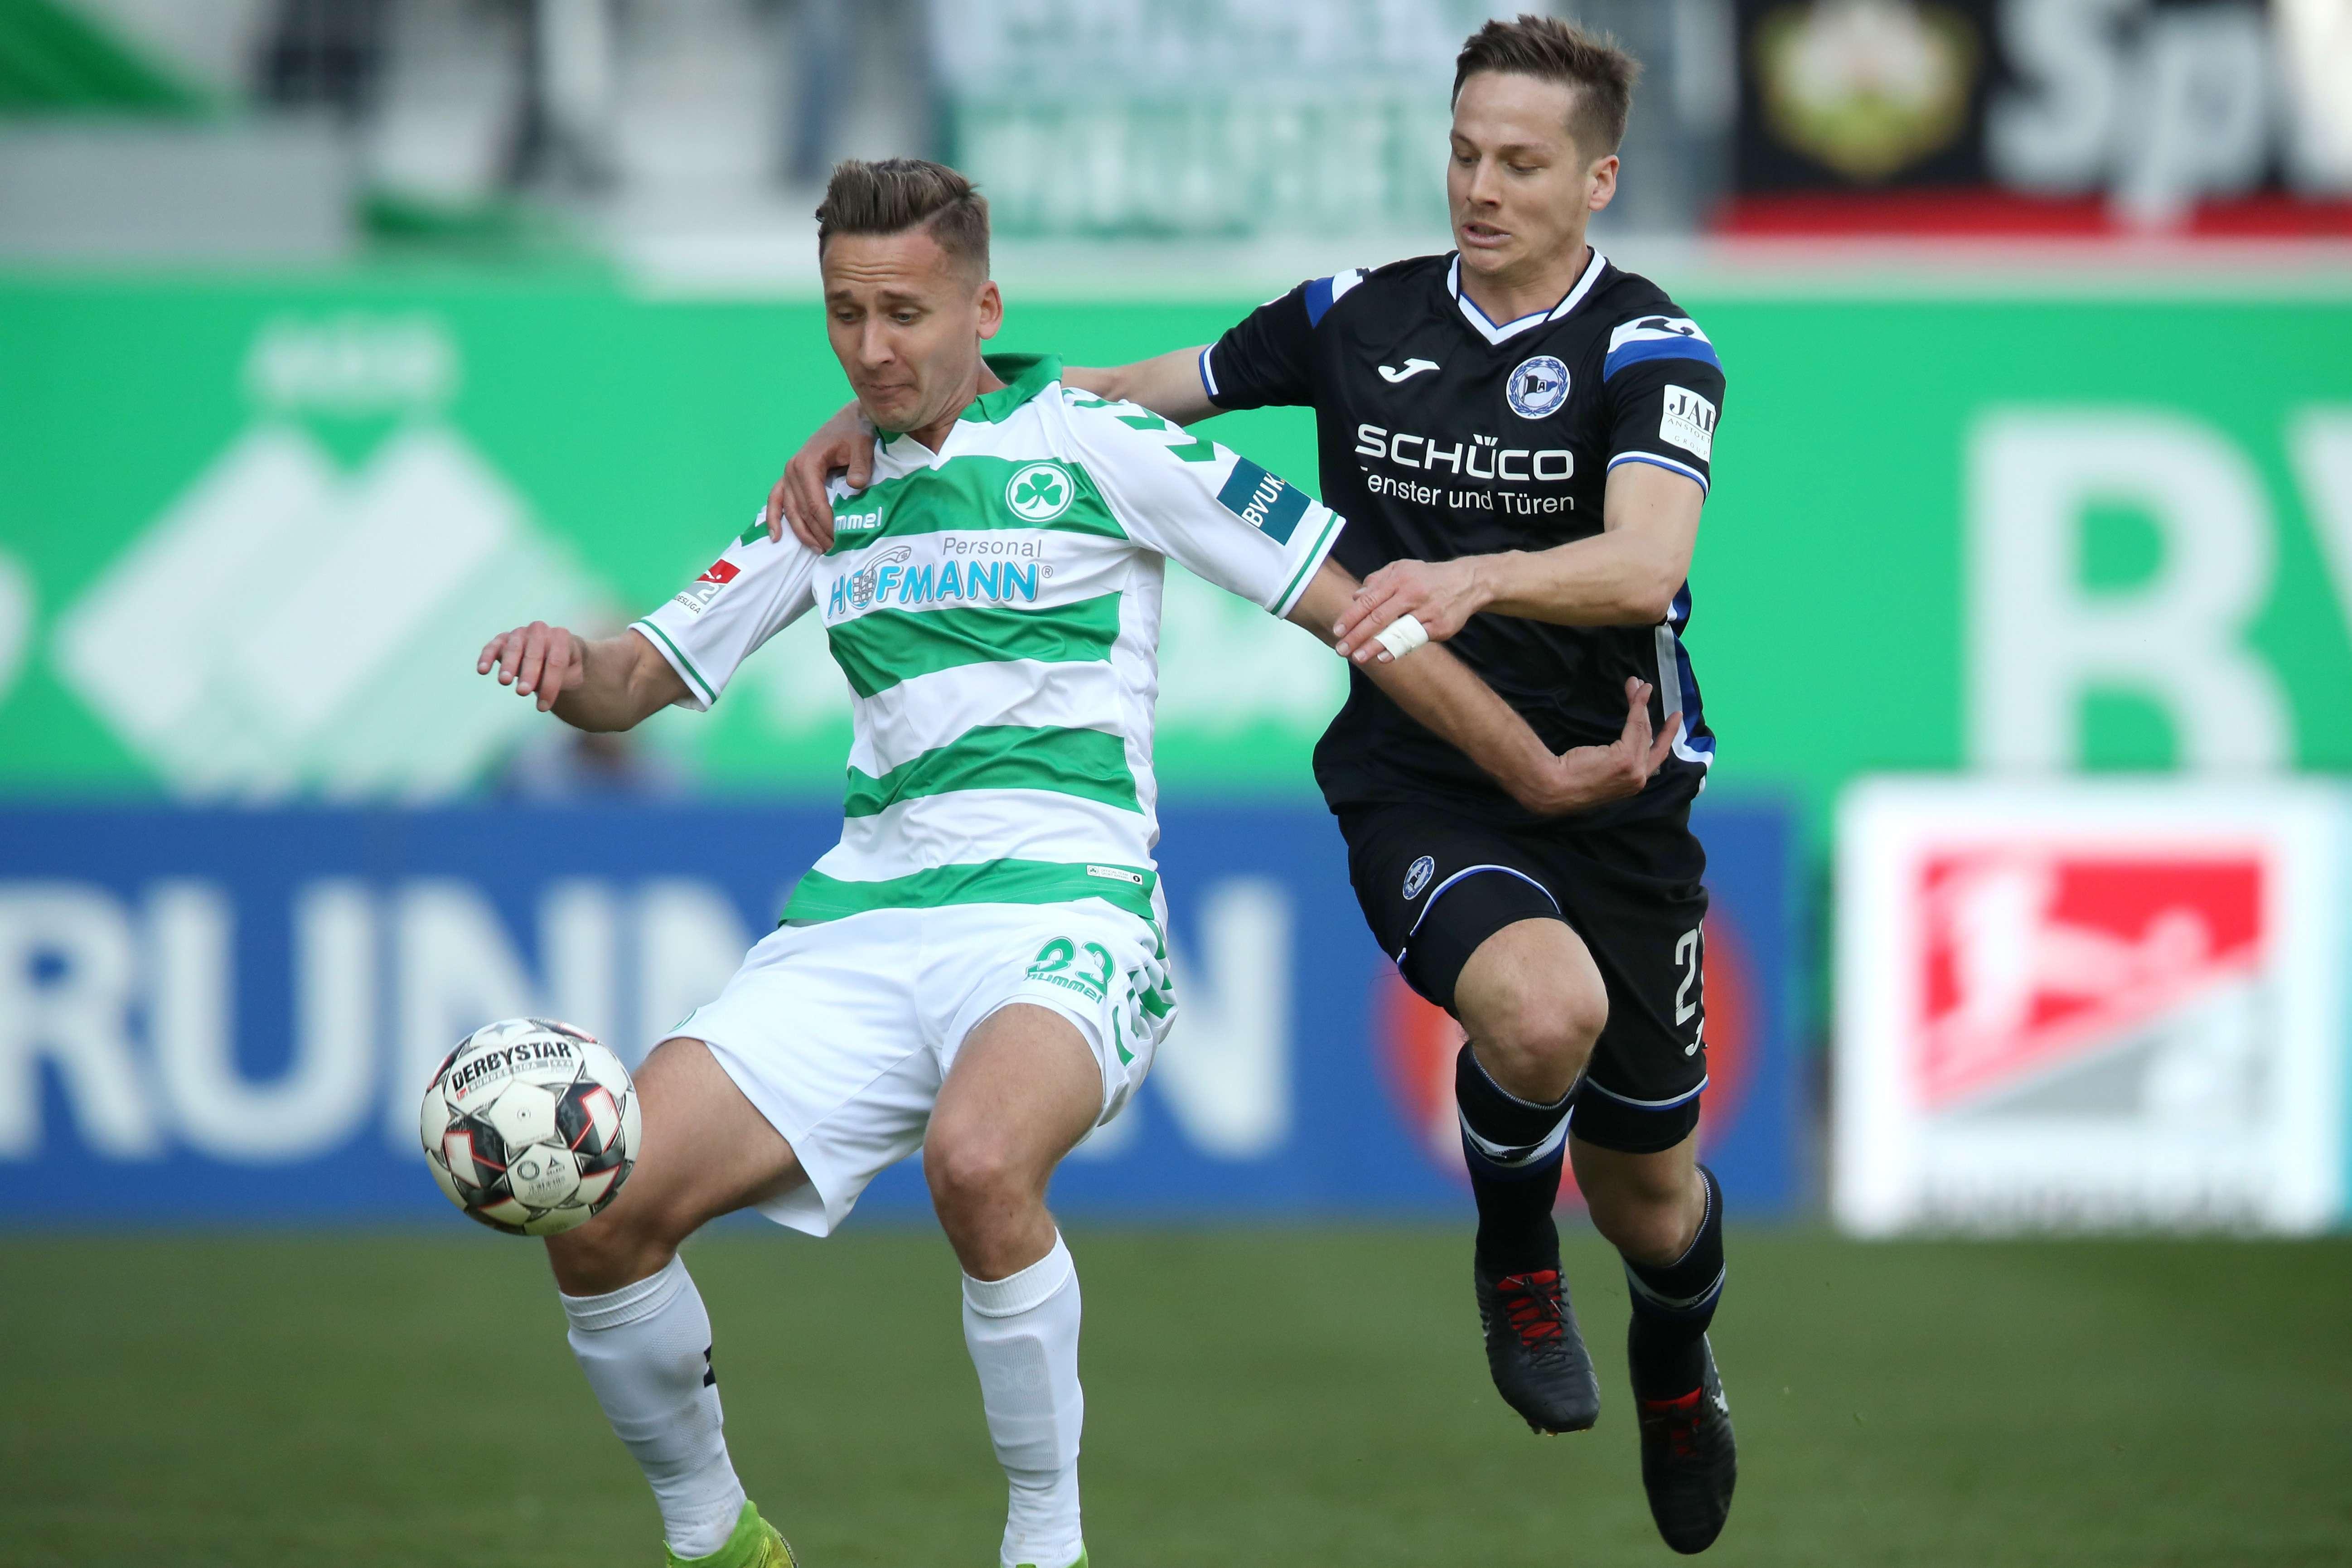 Zweikampf im Spiel Fürth gegen Bielefeld